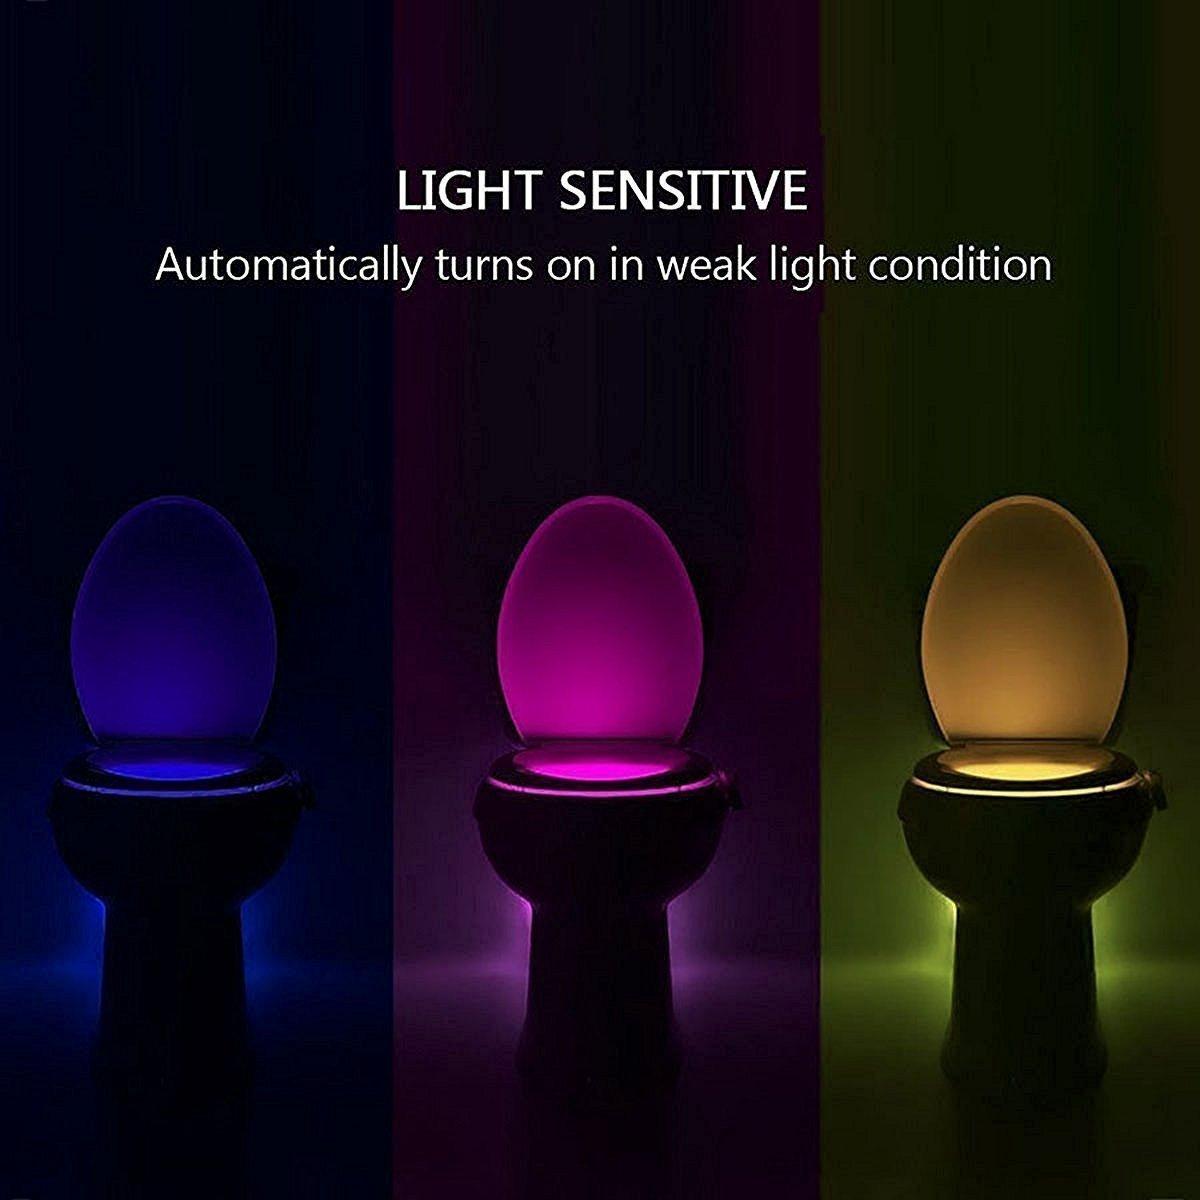 UV St/érilisateur WC Lumi/ère de nuit D/étecteur de Mouvement LED Abattant WC Light 16 Changement de couleur lumi/ère Bol avec Aromath/érapie pour nimporte quel WC